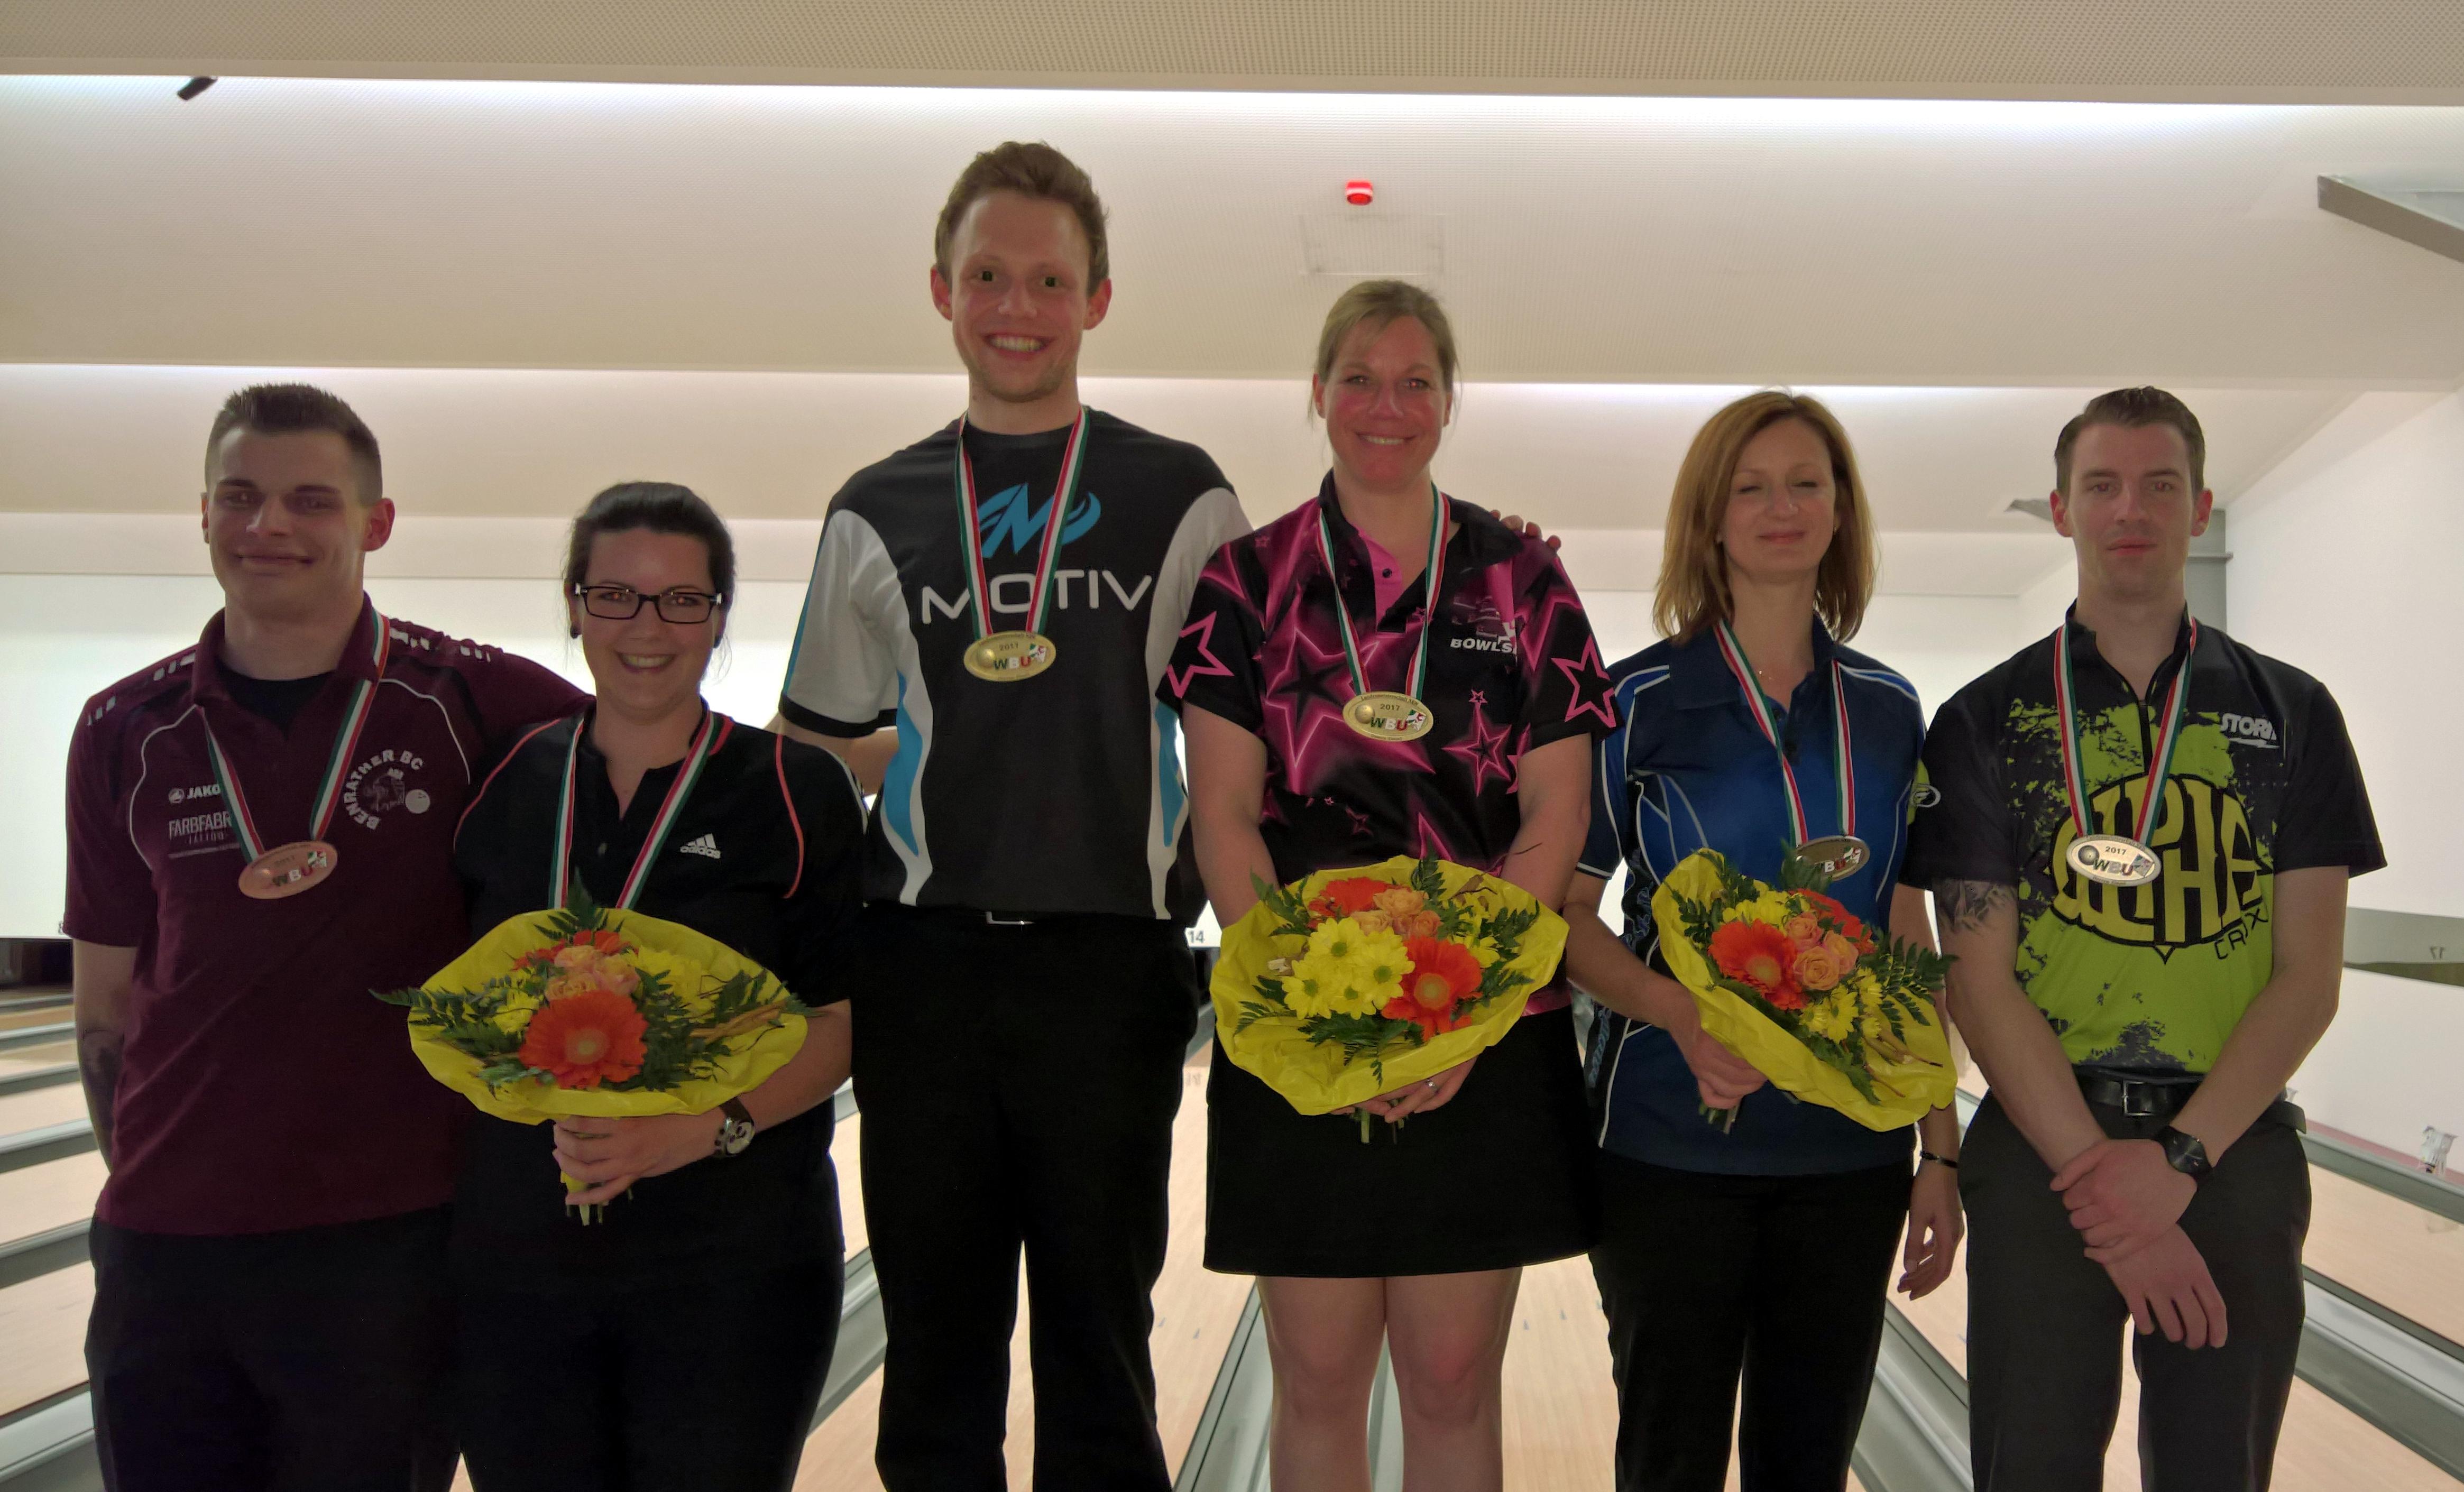 Jolanda Visser und Rene Filor sind Landesmeister 2017